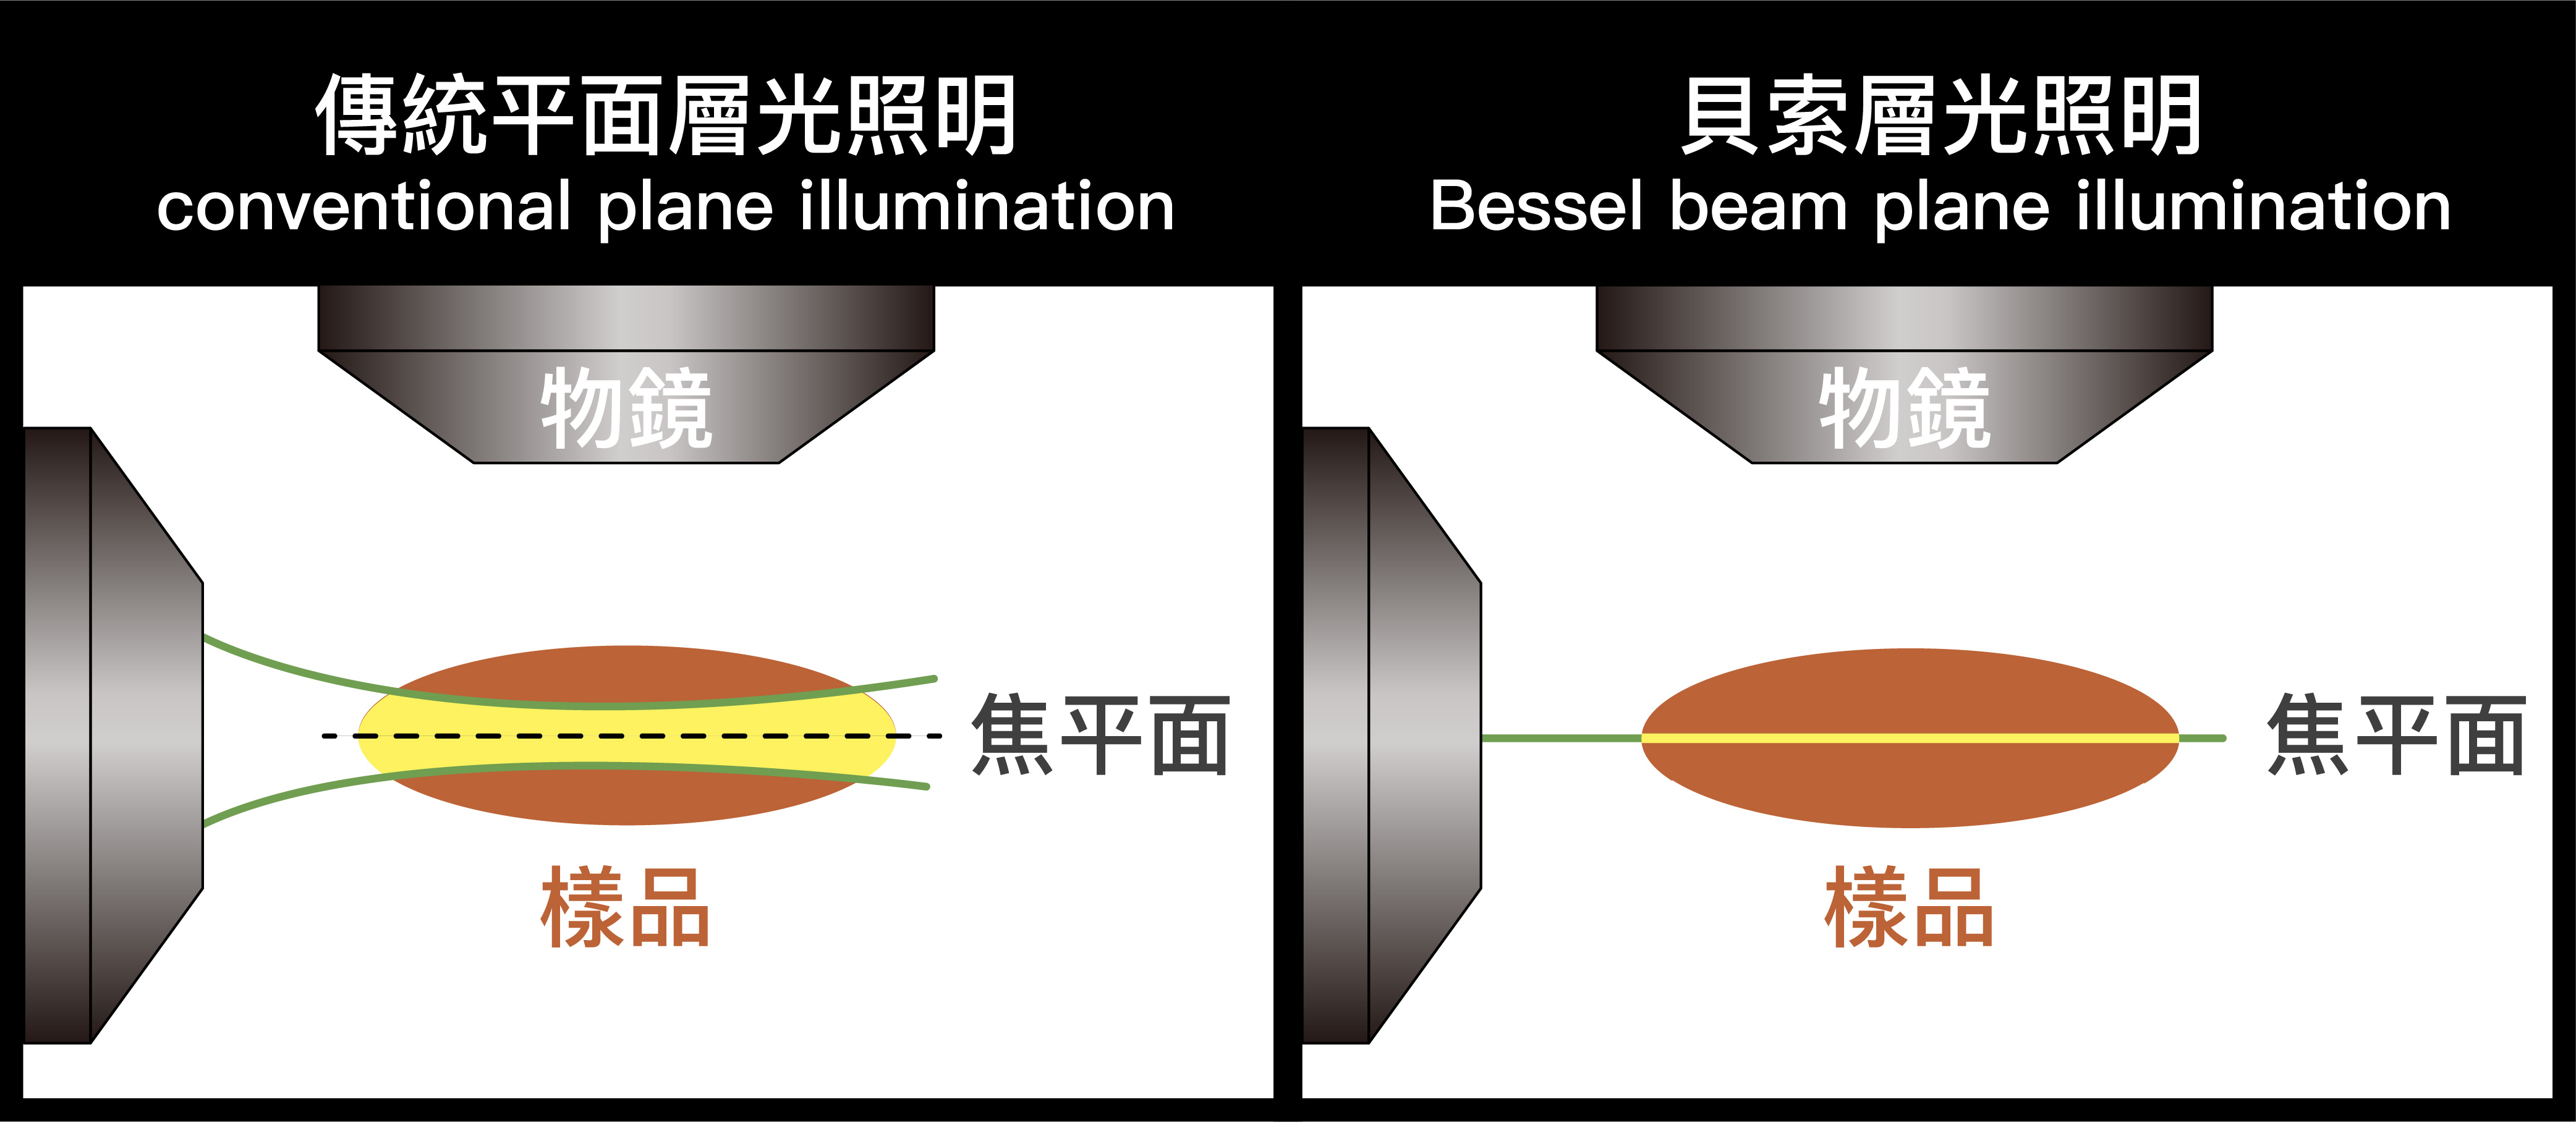 傳統平面層光照明,雖試著將光線聚焦於焦平面,然而其減少雜光的效果,還是不若貝索層光照明好。 資料來源│陳壁彰提供 圖說重製│廖英凱、張語辰